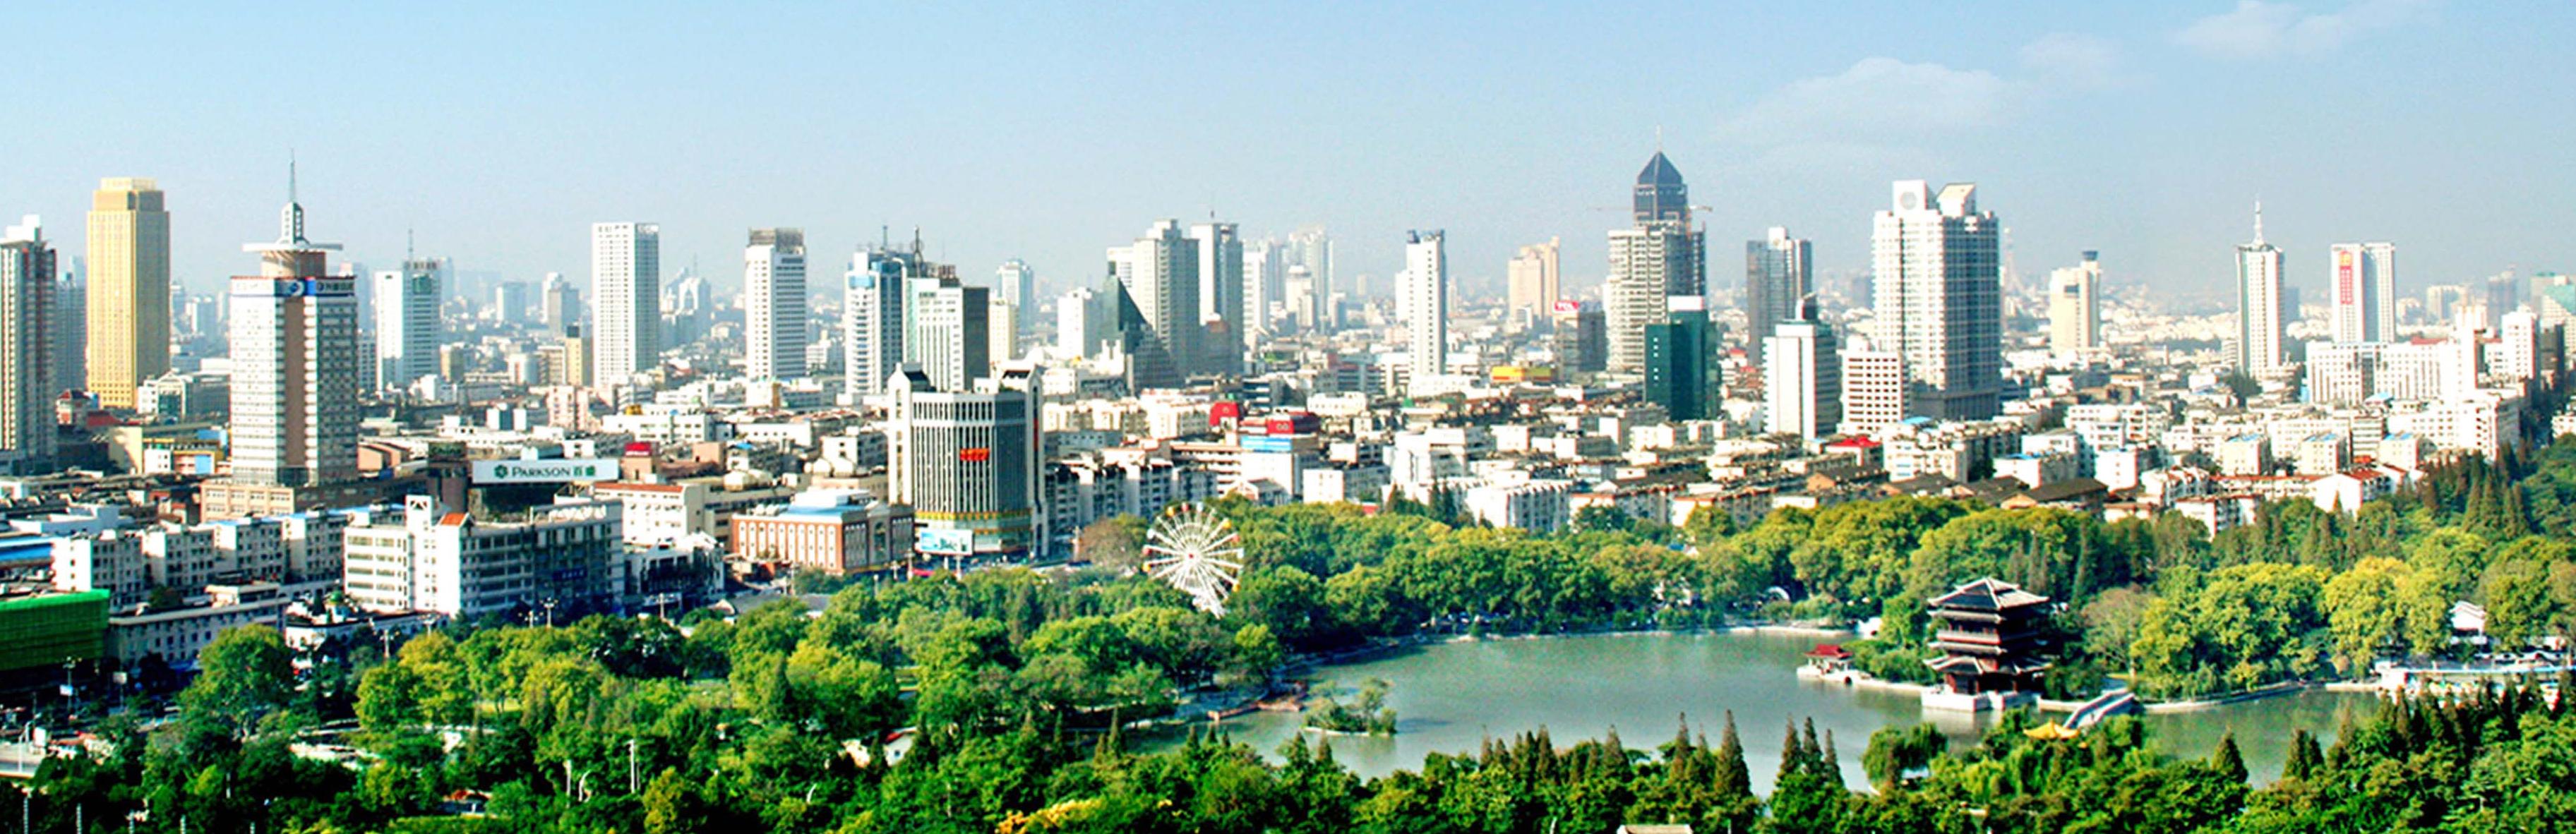 Hefei, ciudades chinas